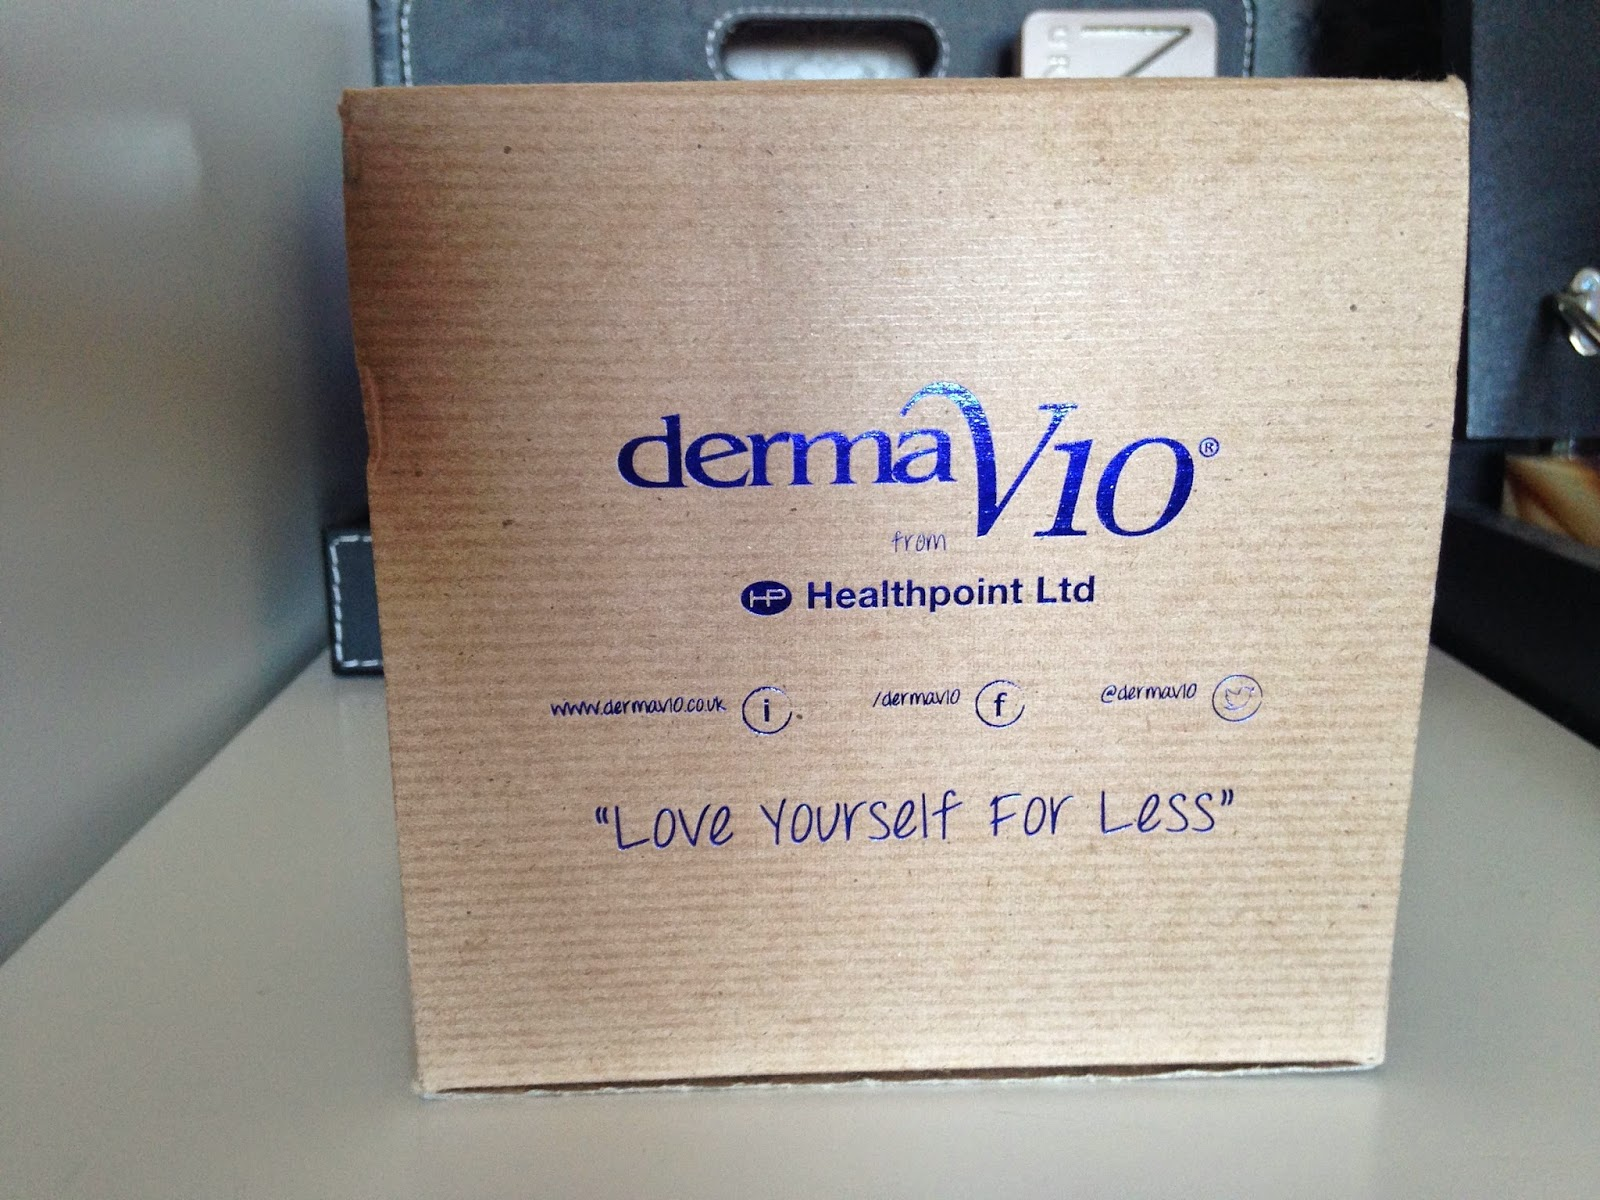 DermaV10